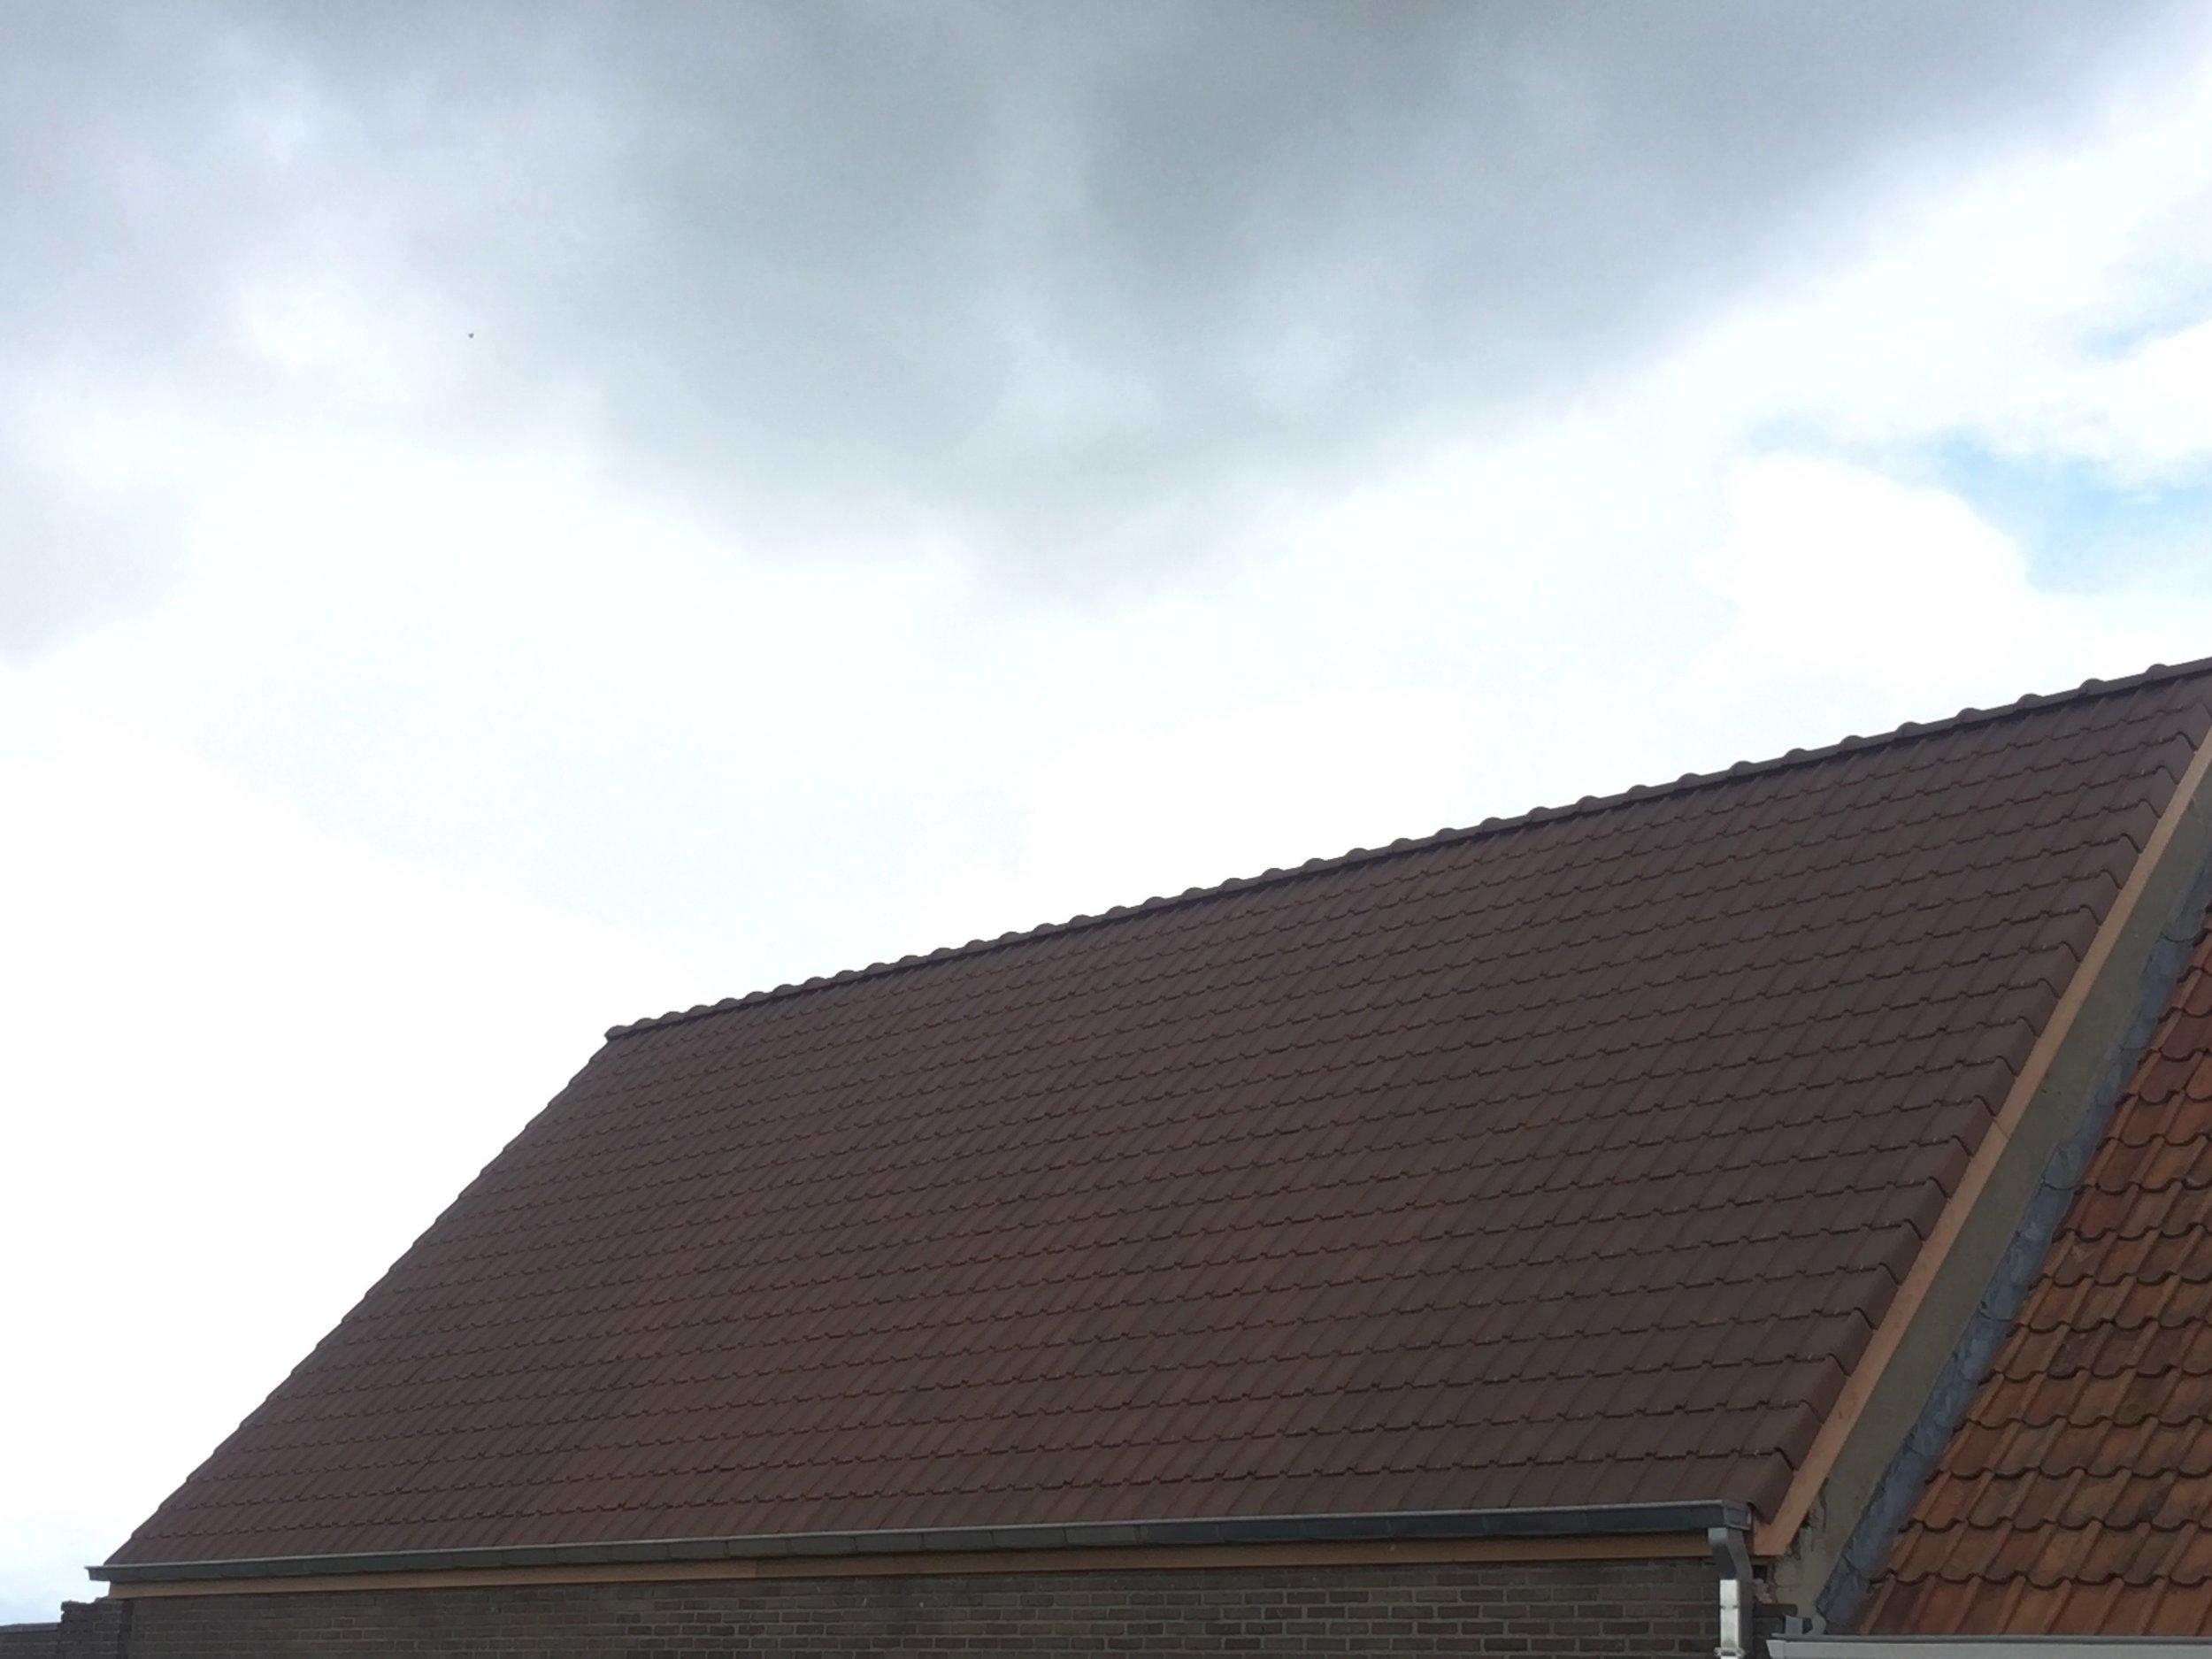 Gerenoveerd dak met houten rand West-Vlaanderen.jpg